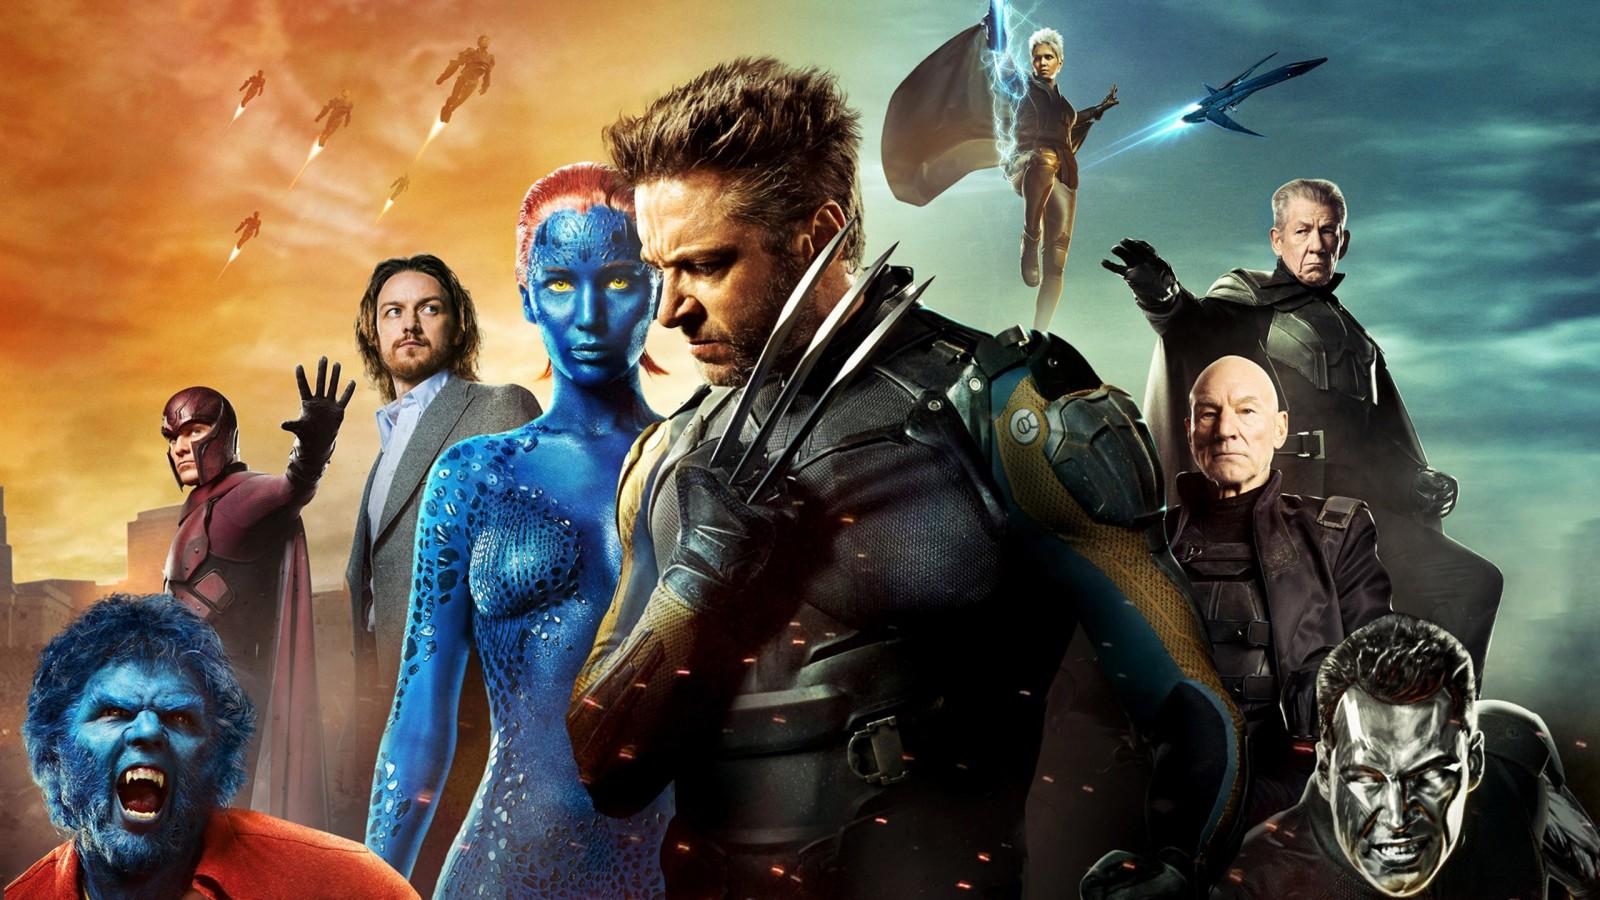 X-Men - Zukunft ist Vergangenheit (2014) Filmkritik